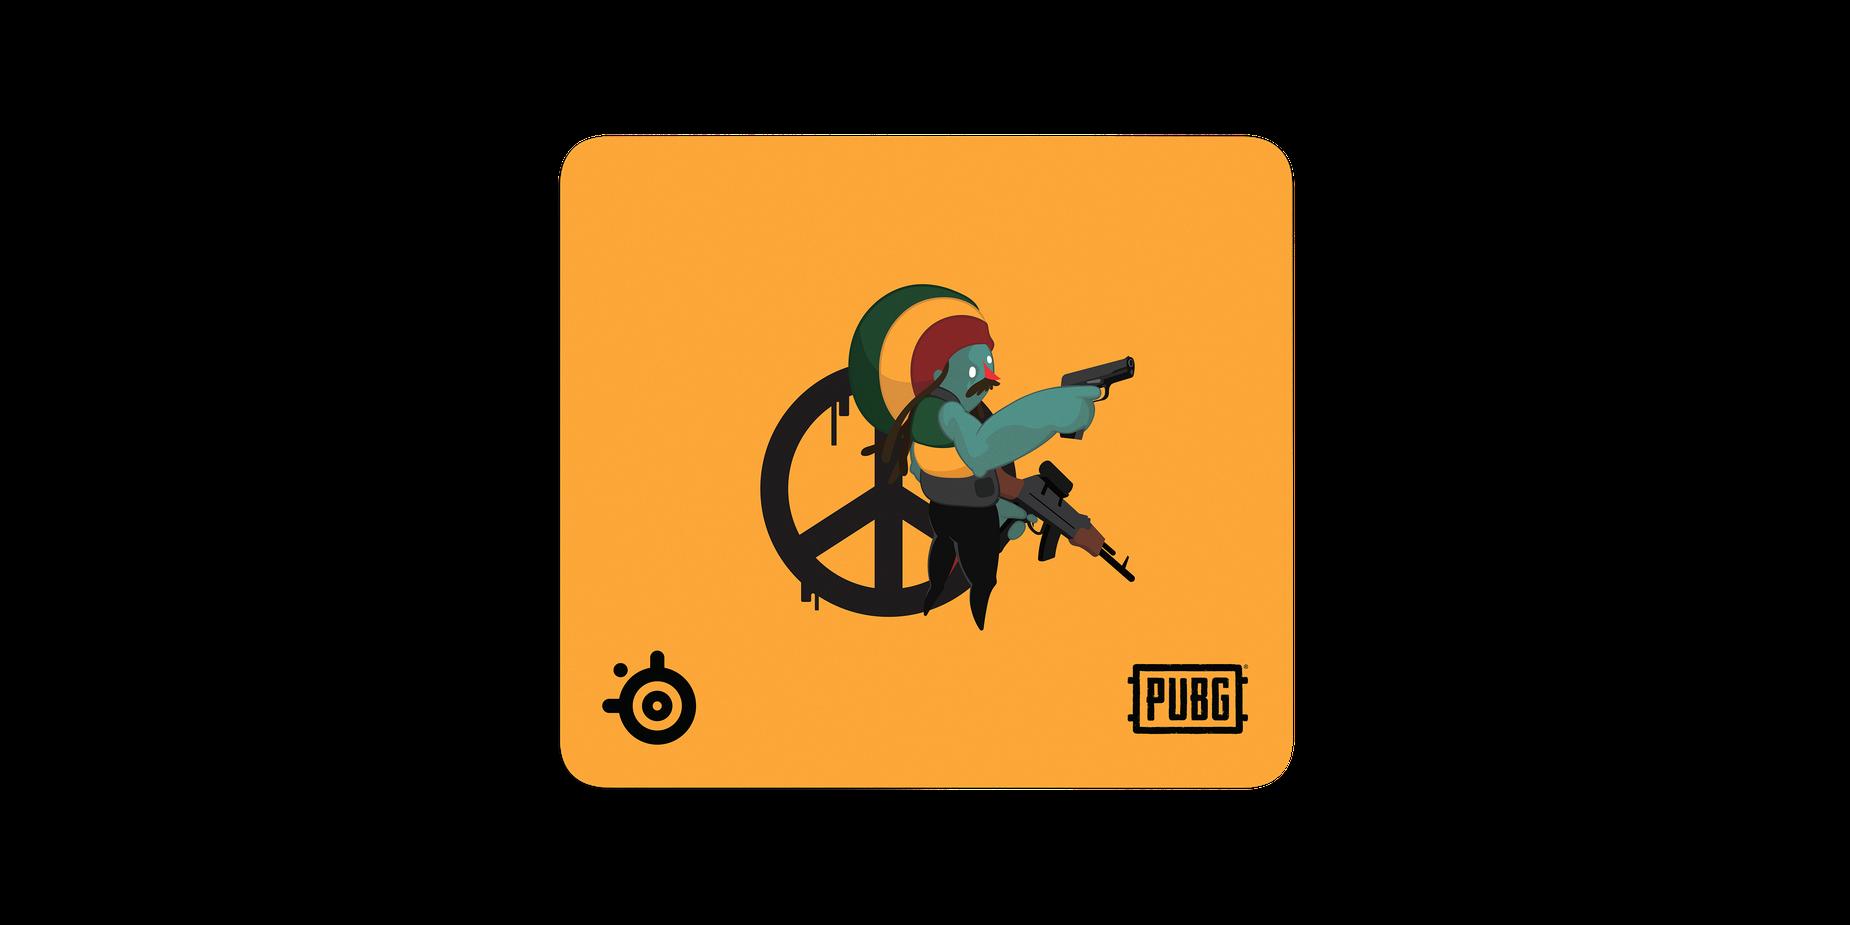 Ansicht eines Mauspads mit einer illustrierten Figur, die zwei Gewehre hält und vor einem Friedenszeichen steht.